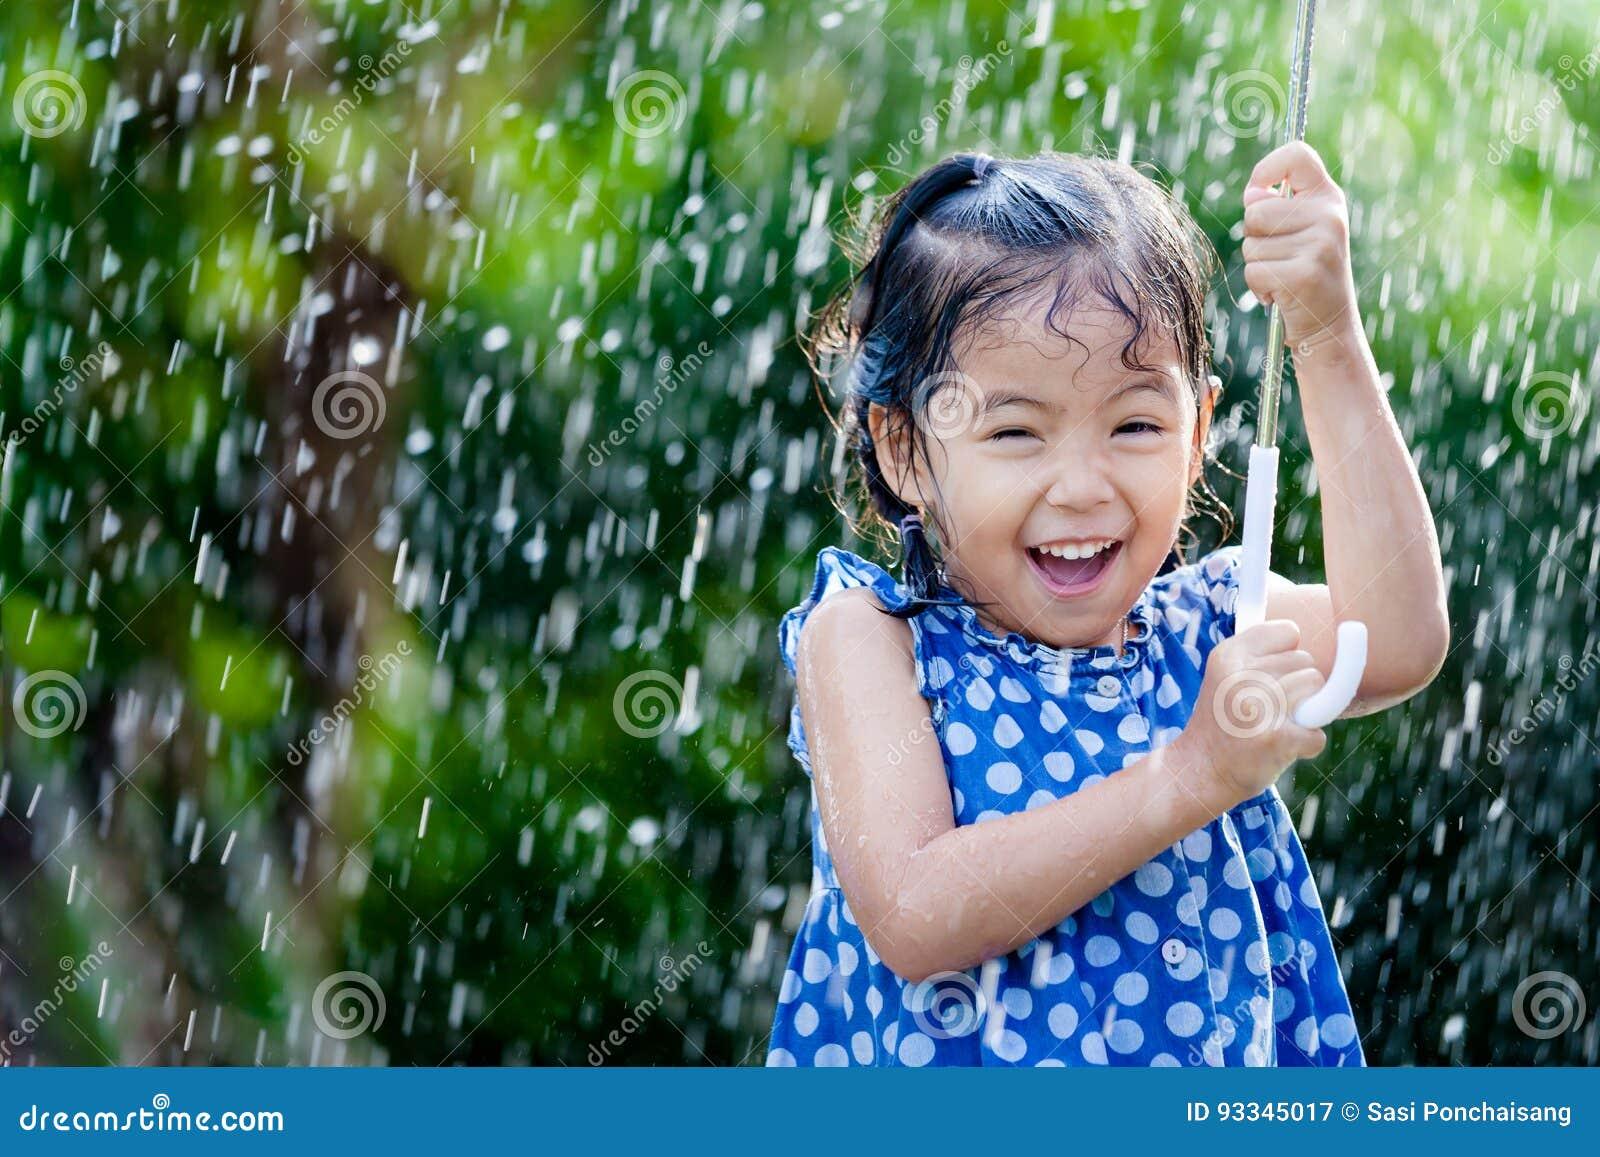 Aziatisch meisje met paraplu in regen